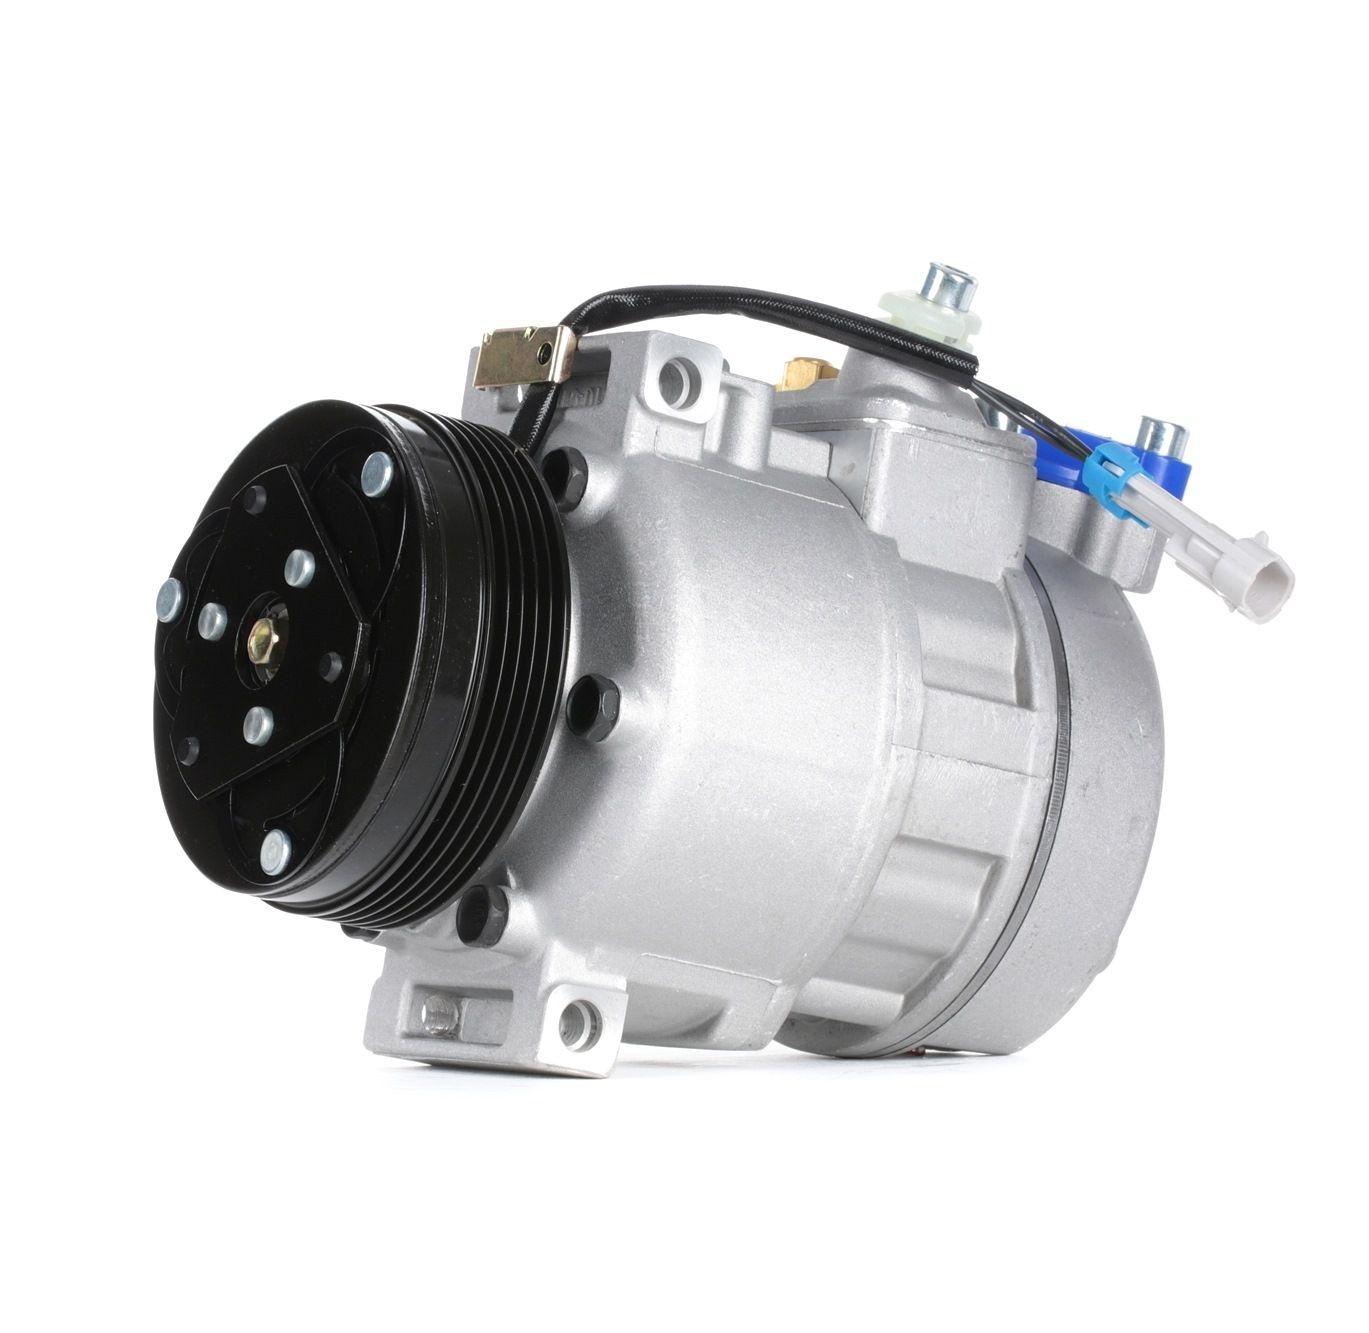 Kompressor Klimaanlage Opel Zafira f75 2005 - RIDEX 447K0010 (Riemenscheiben-Ø: 110mm, Anzahl der Rillen: 5)